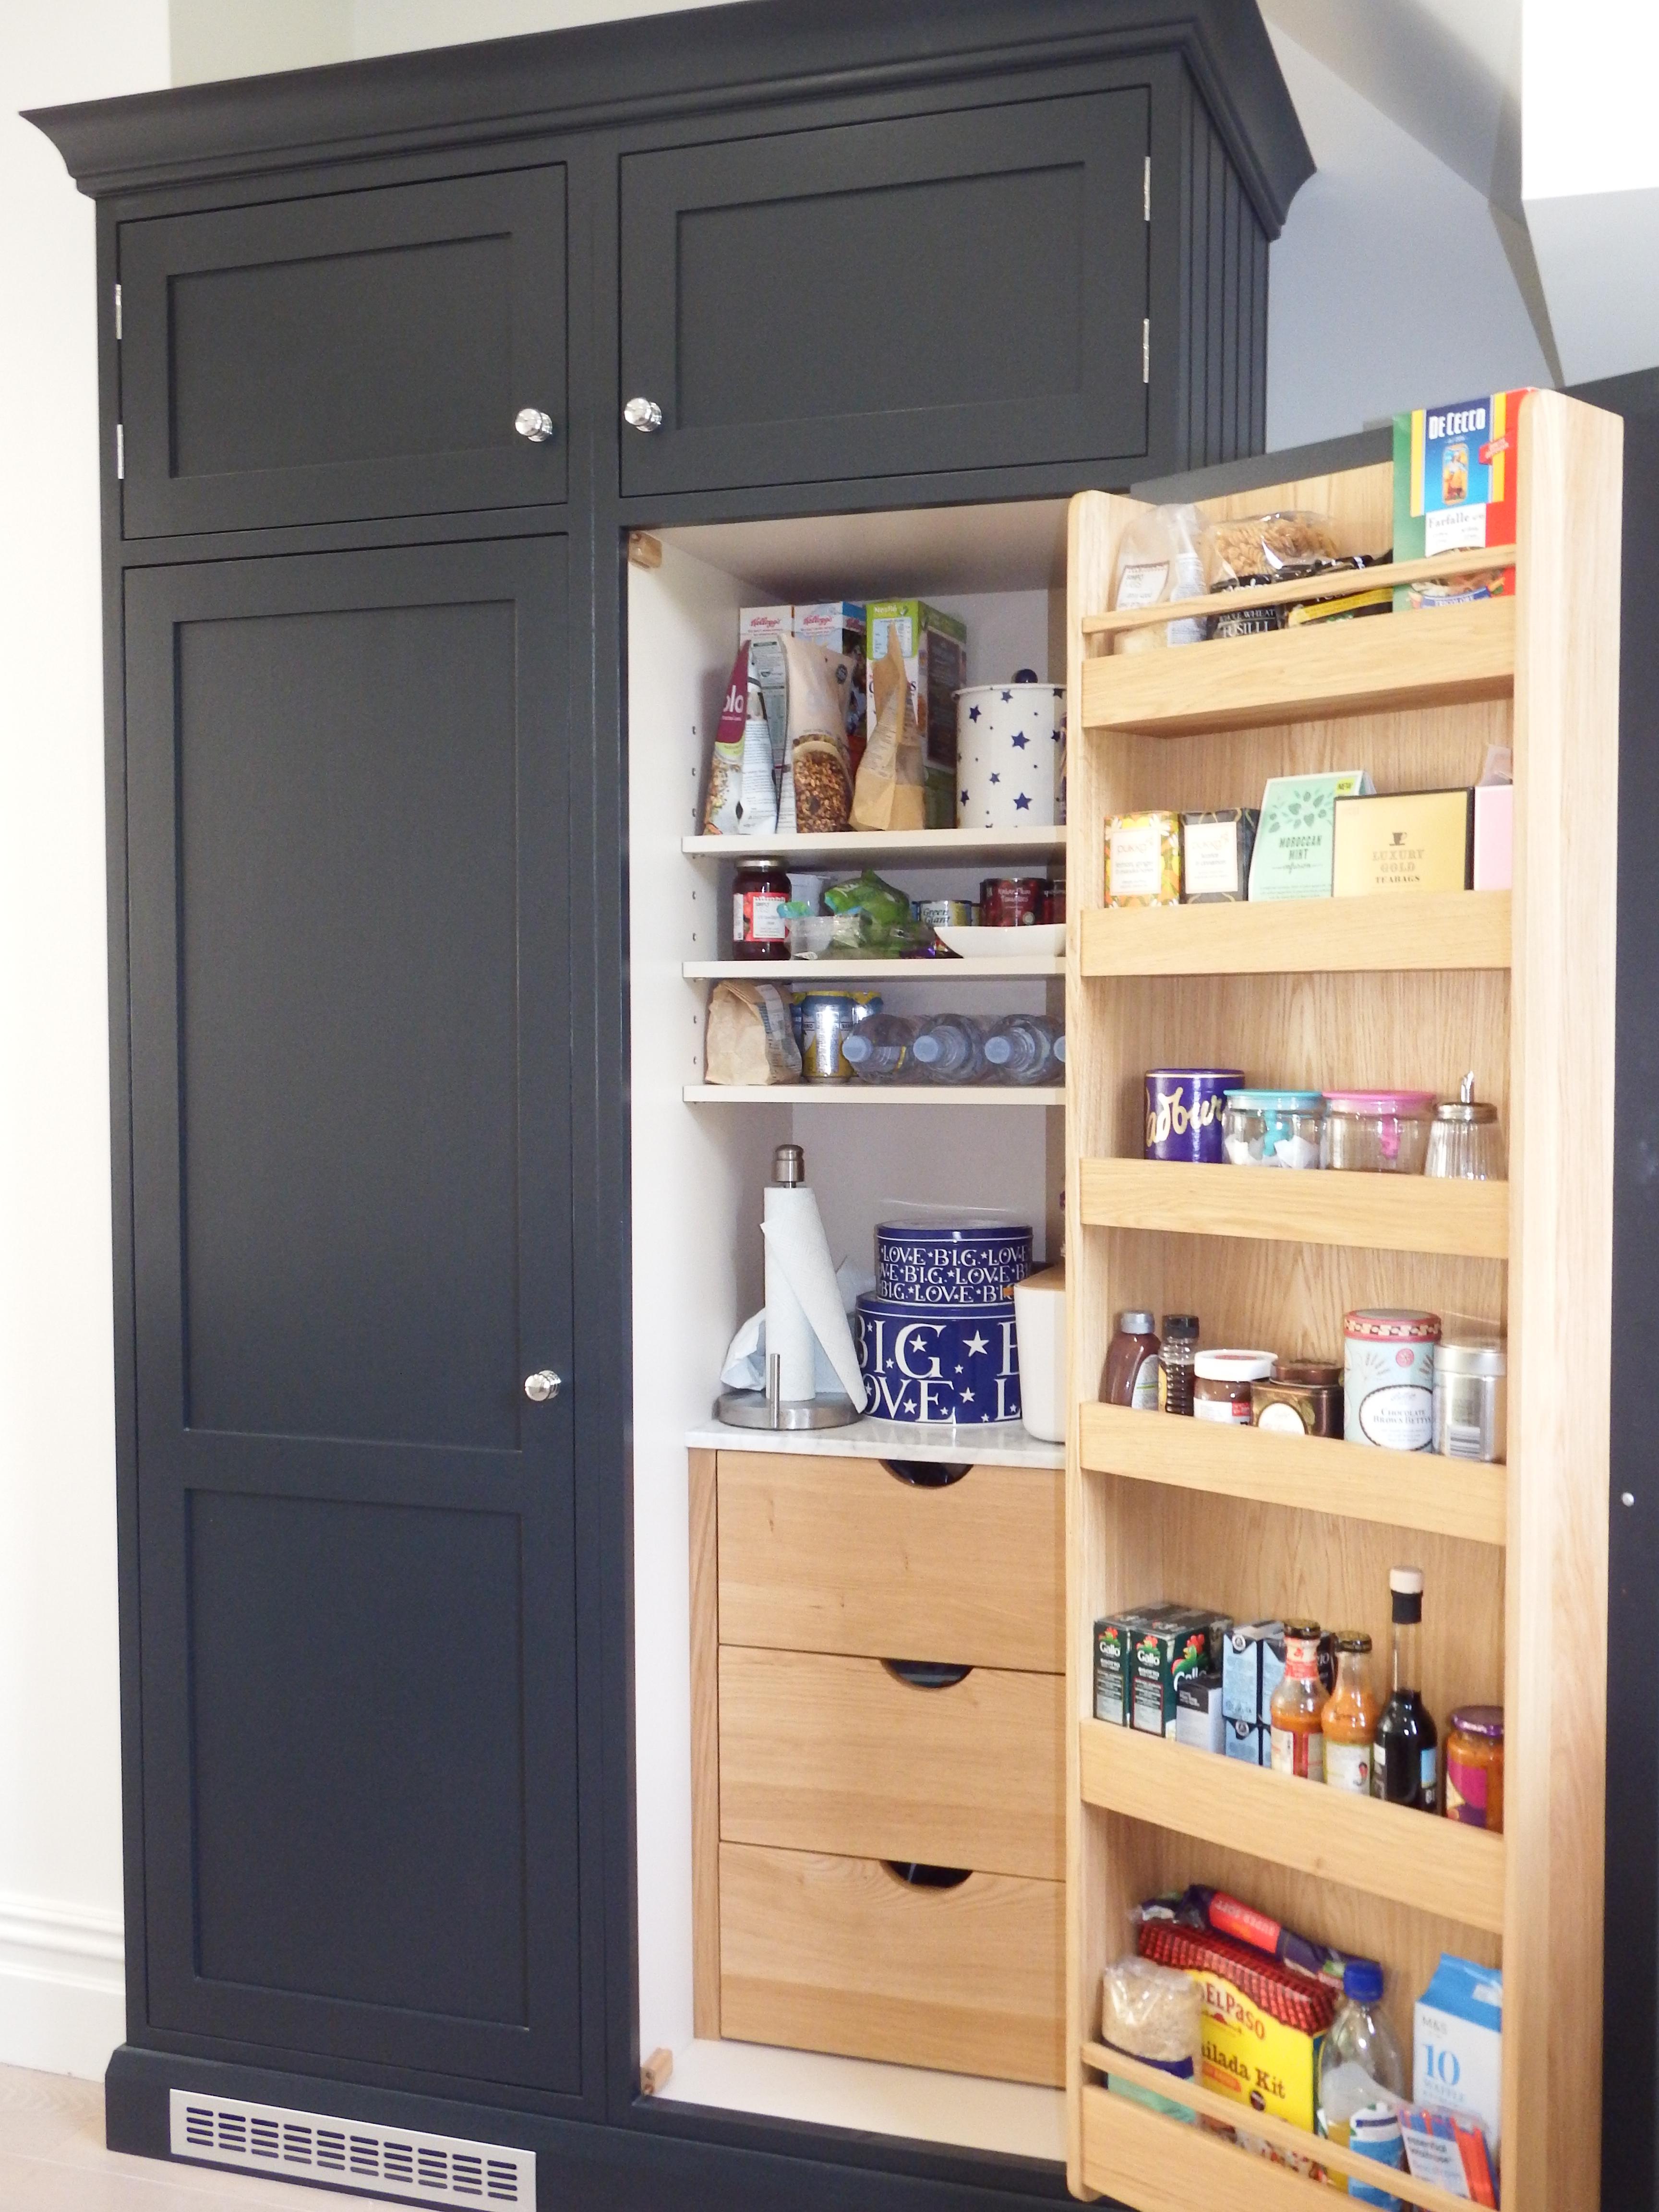 Harrogate Kitchens